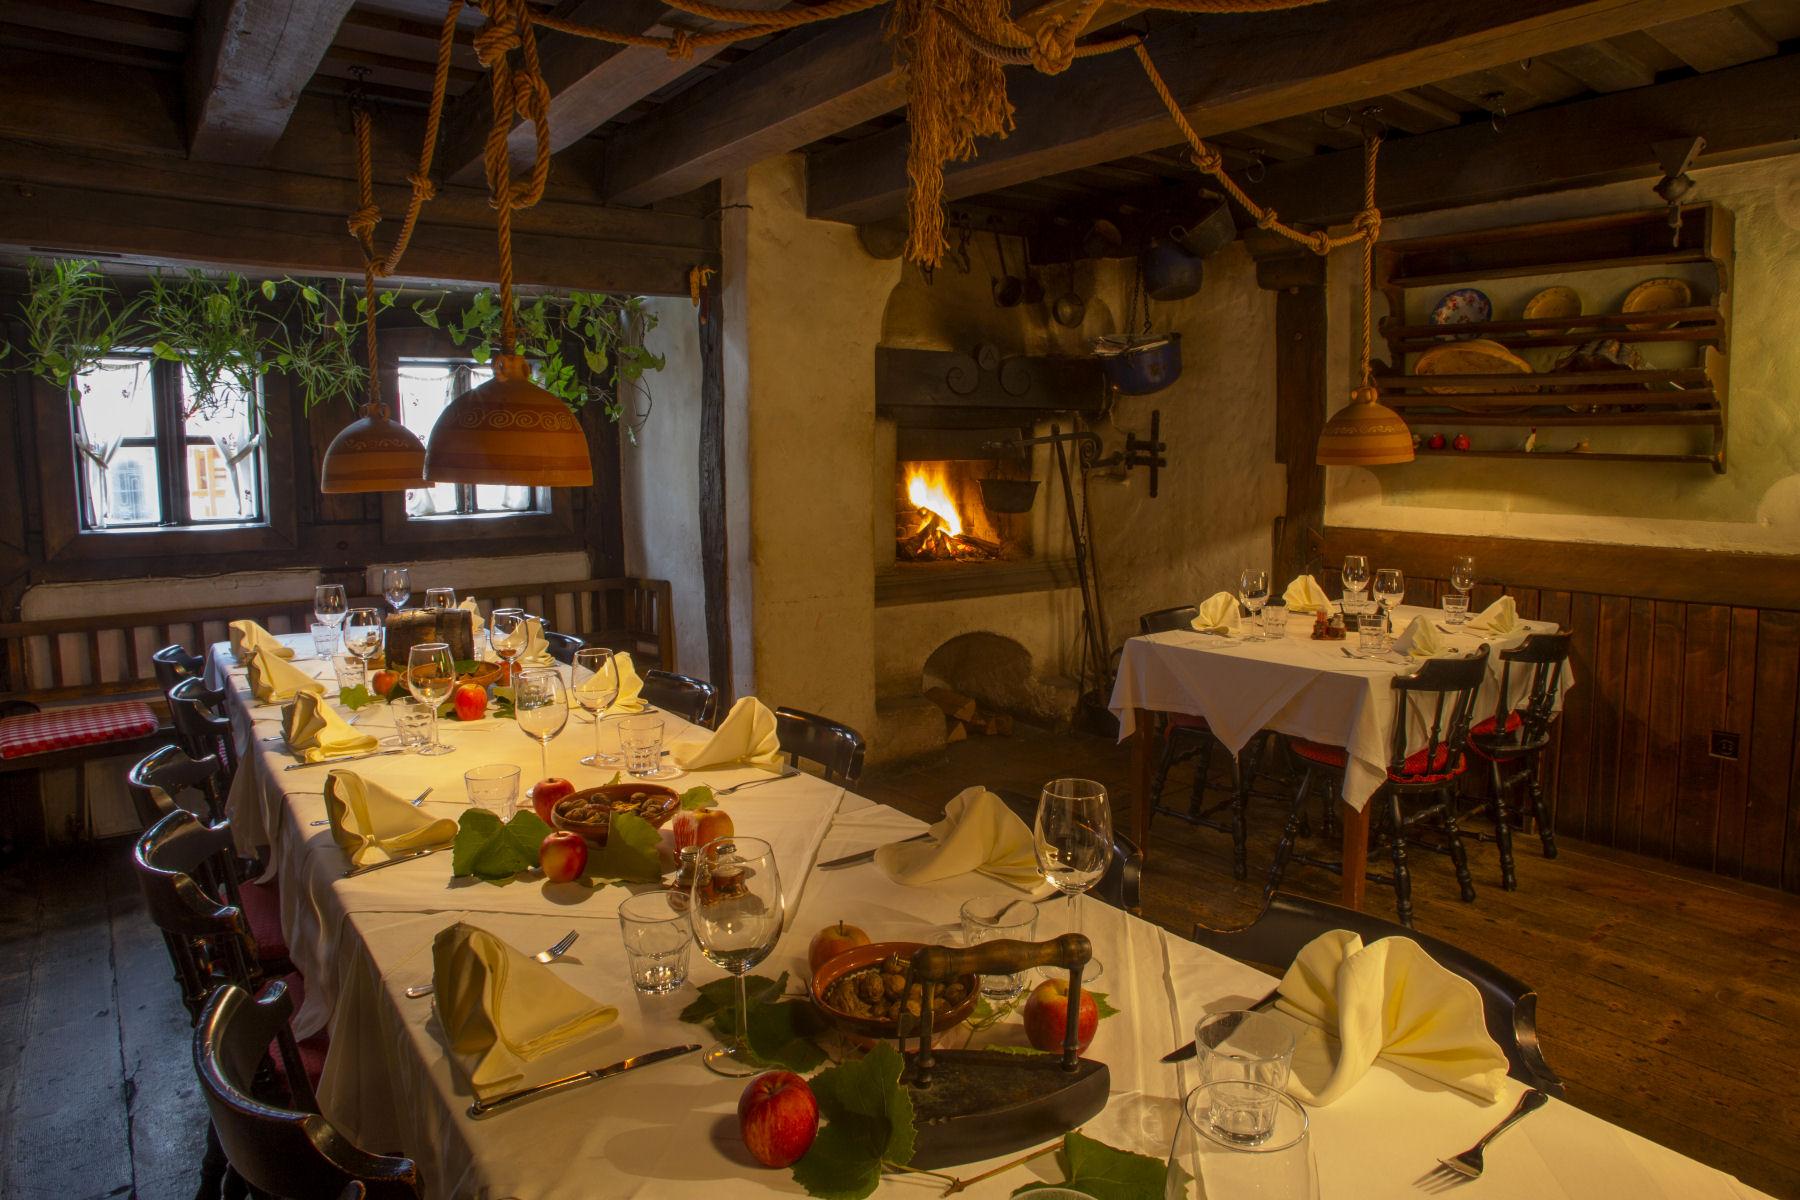 Restaurant Lectar the hearth room